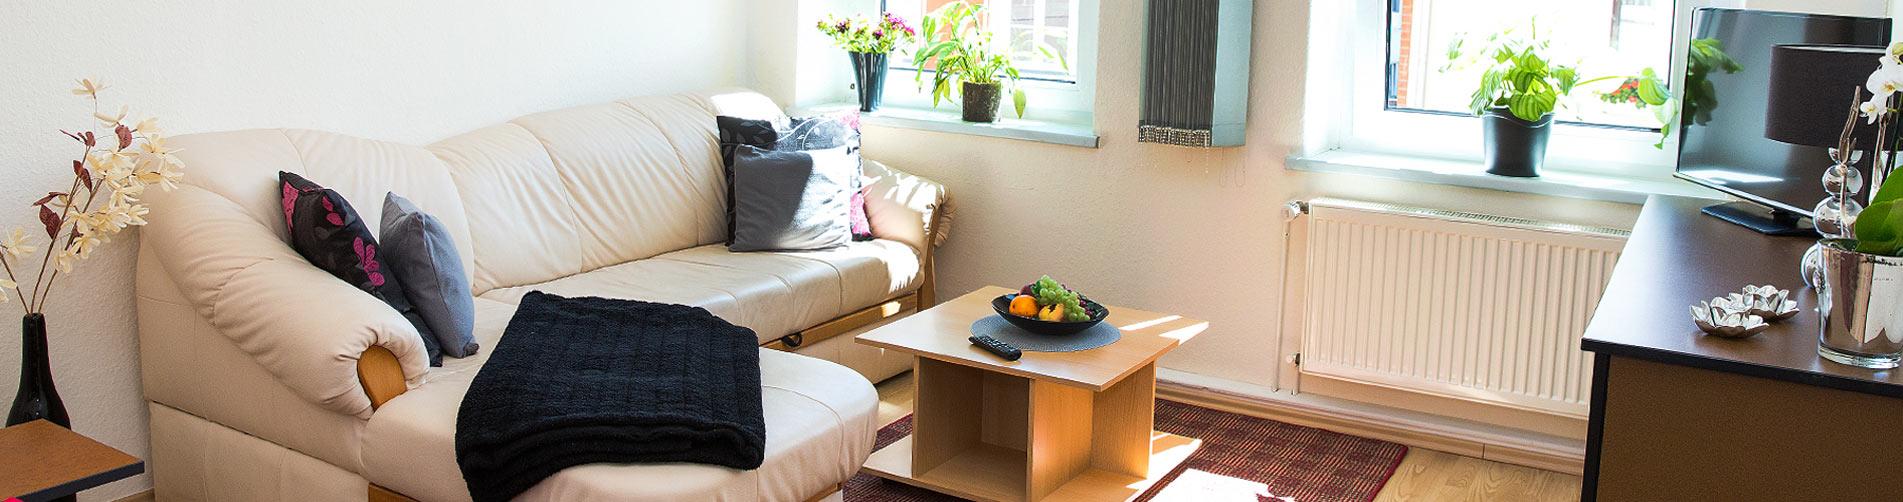 Haus-mueritzperle-wohnzimmer - Haus Müritzperle